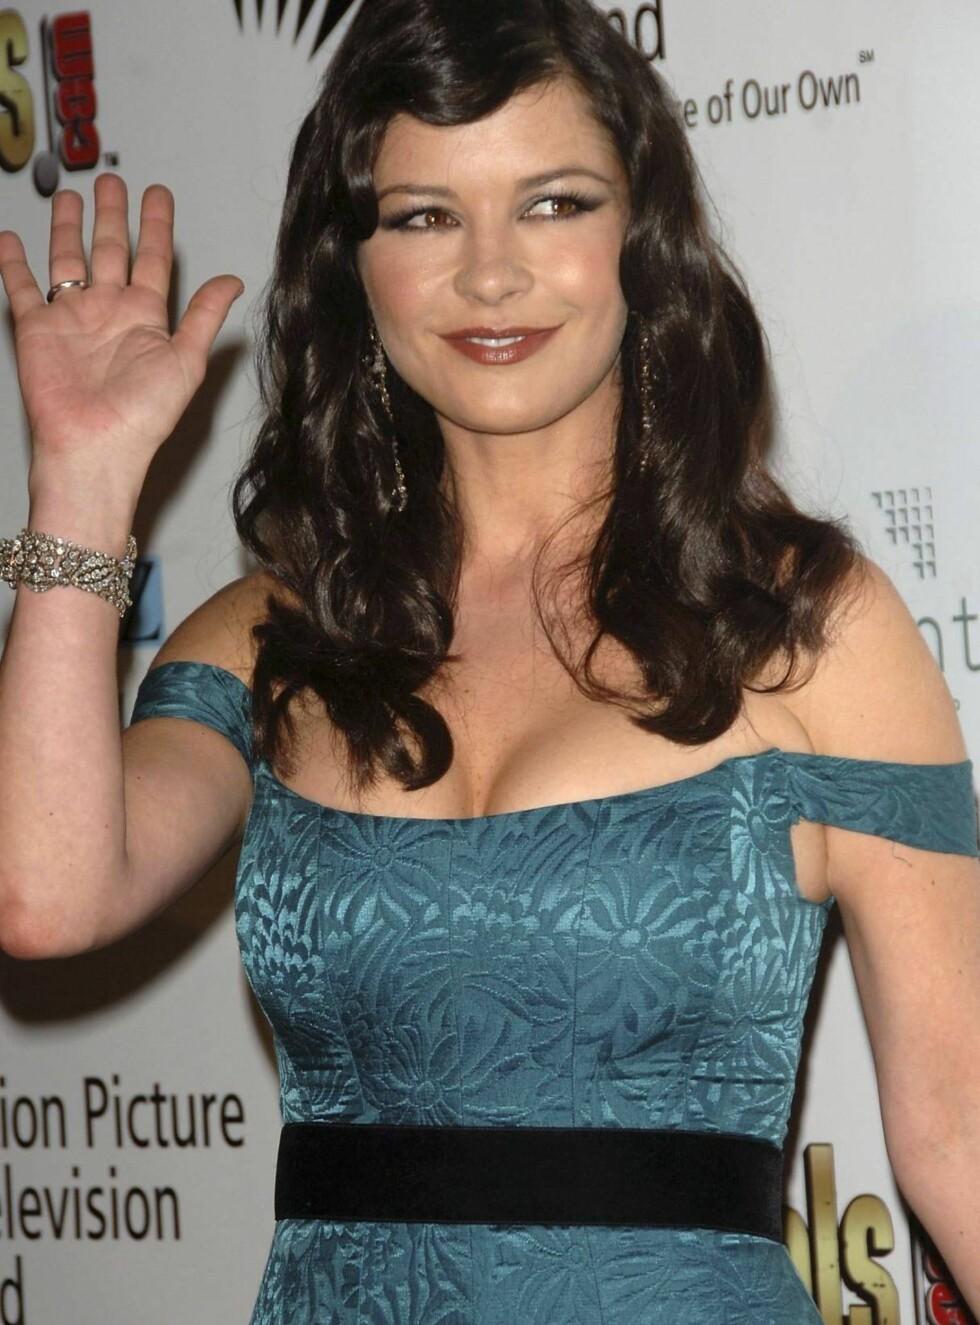 PØLSESKINN: Catherine Zeta-Jones' kjole strammer både rundt bysten og armene. Foto: All Over Press